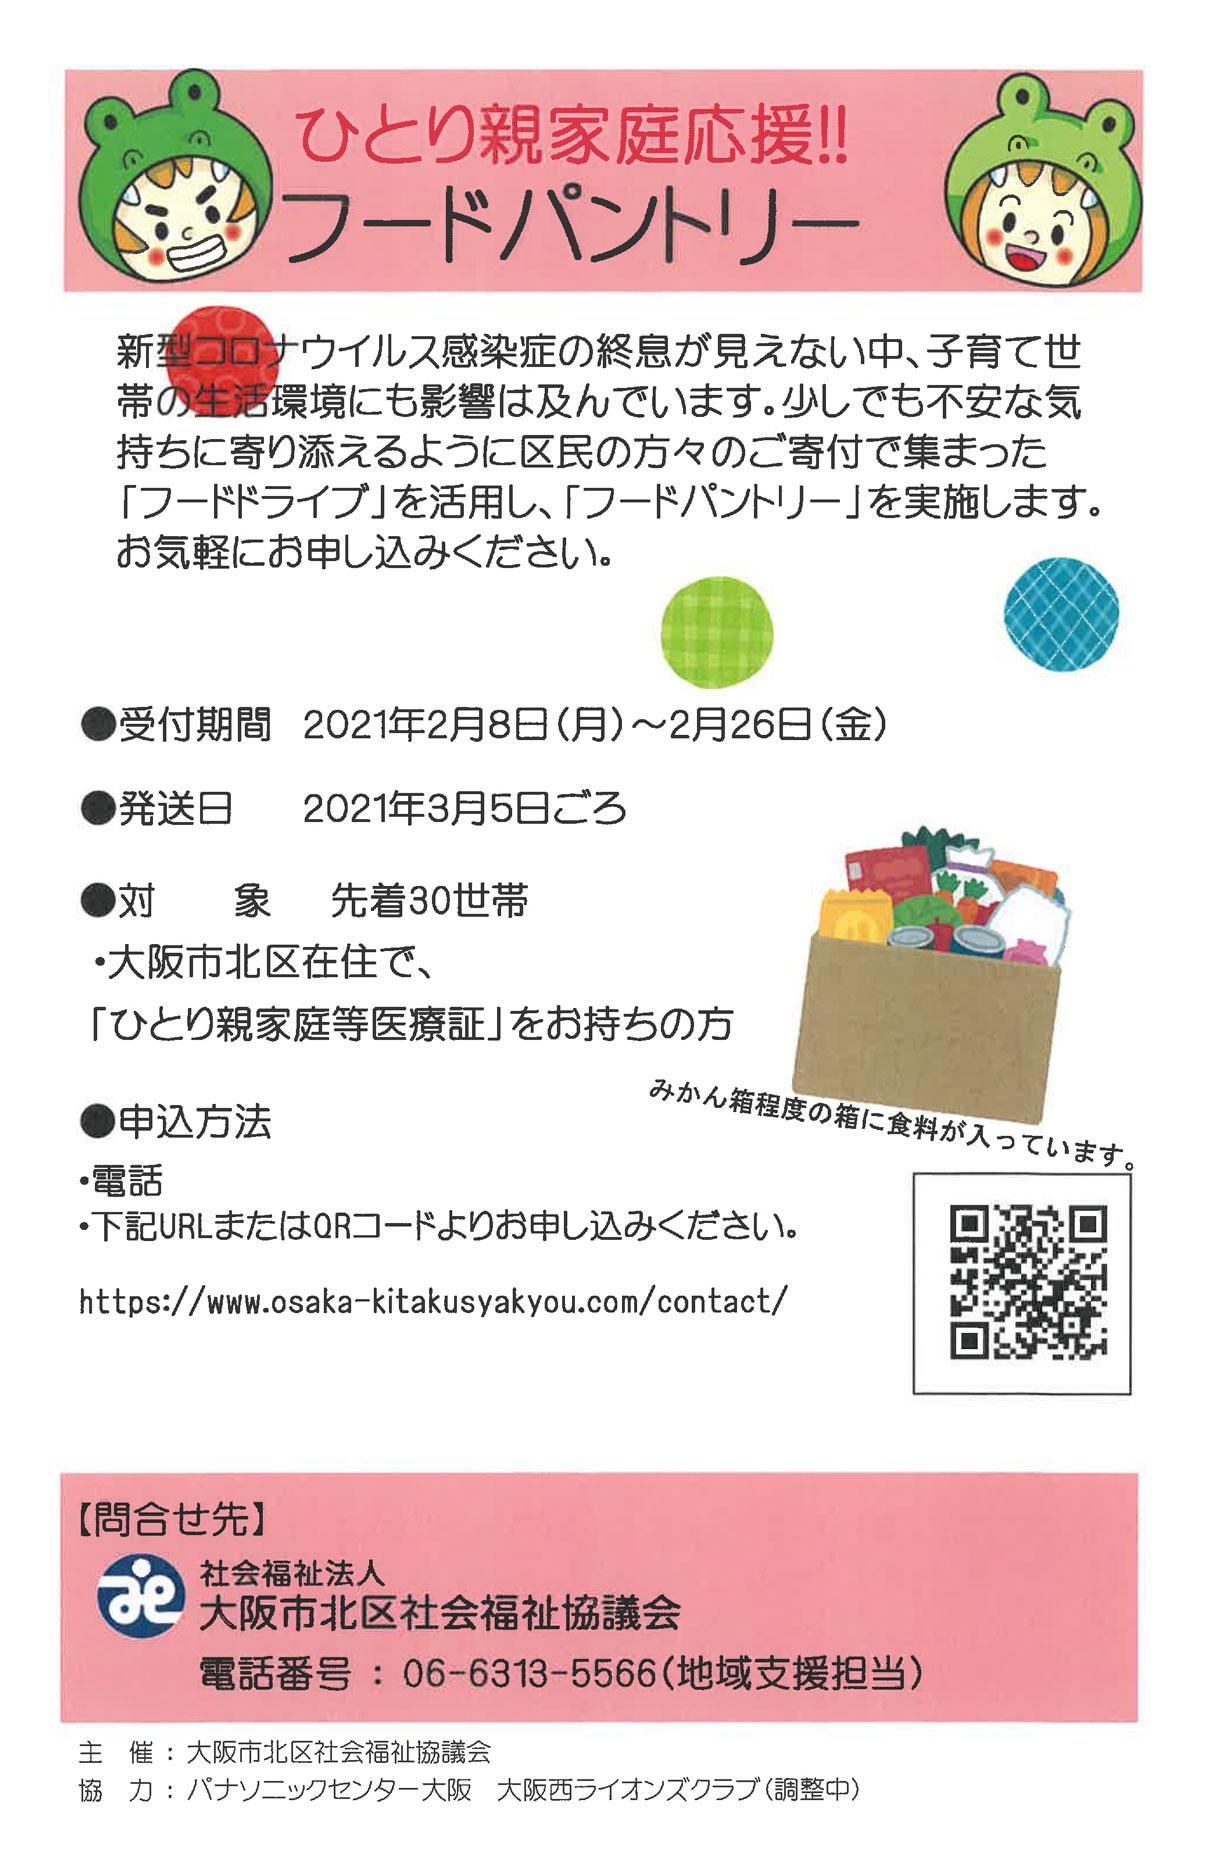 社会 協議 会 府 大阪 福祉